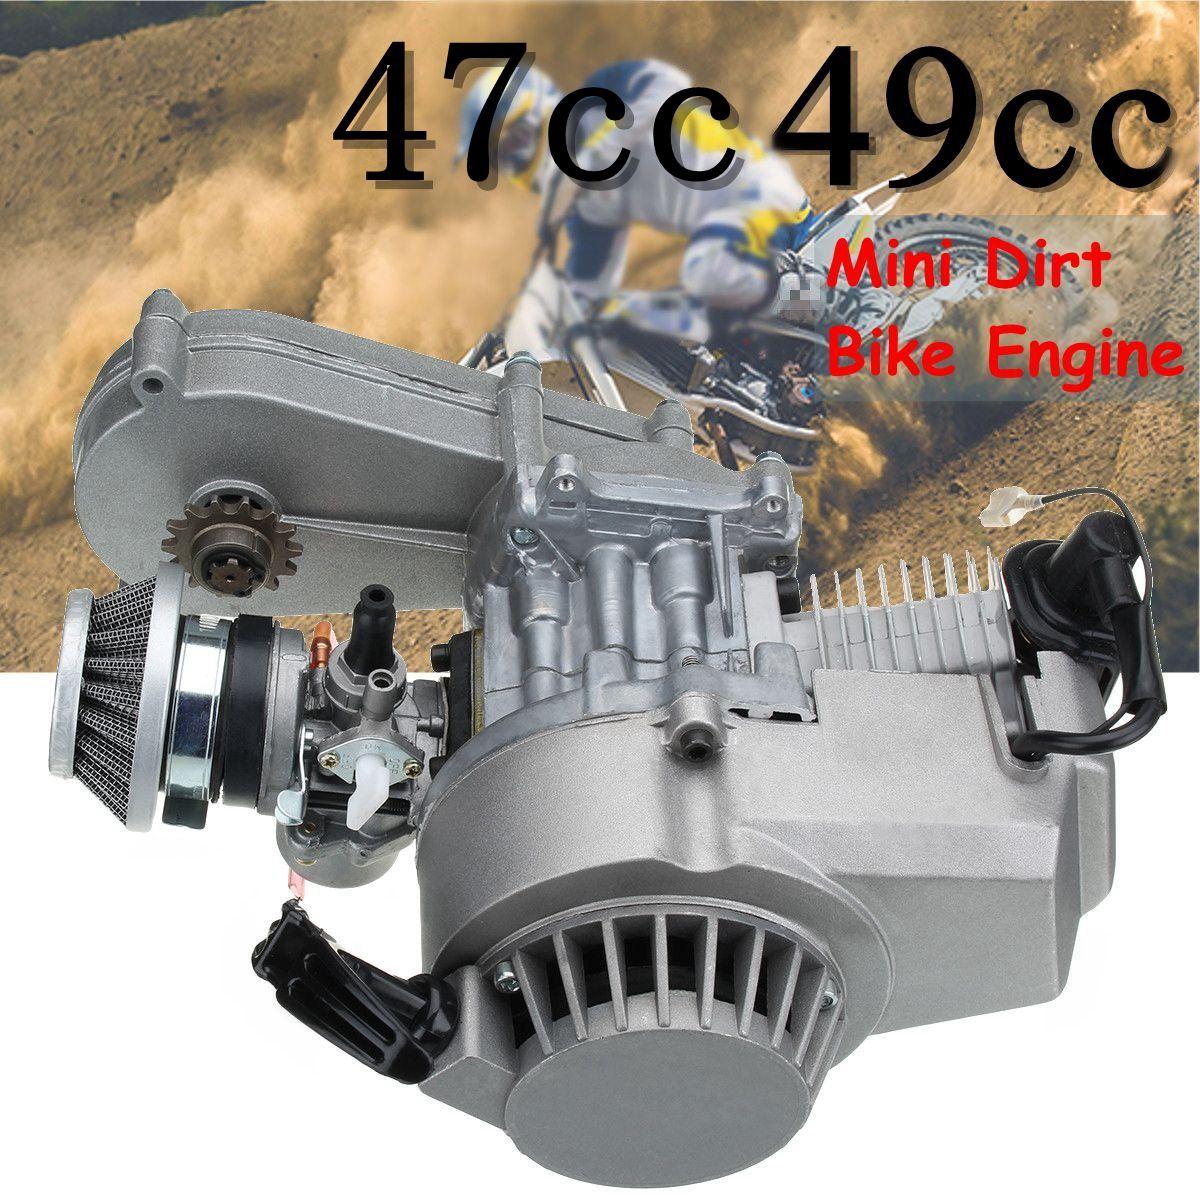 Bobine de démarrage à traction électrique moteur 47cc 49cc pour Mini Moto Quad Mini Moto ATV